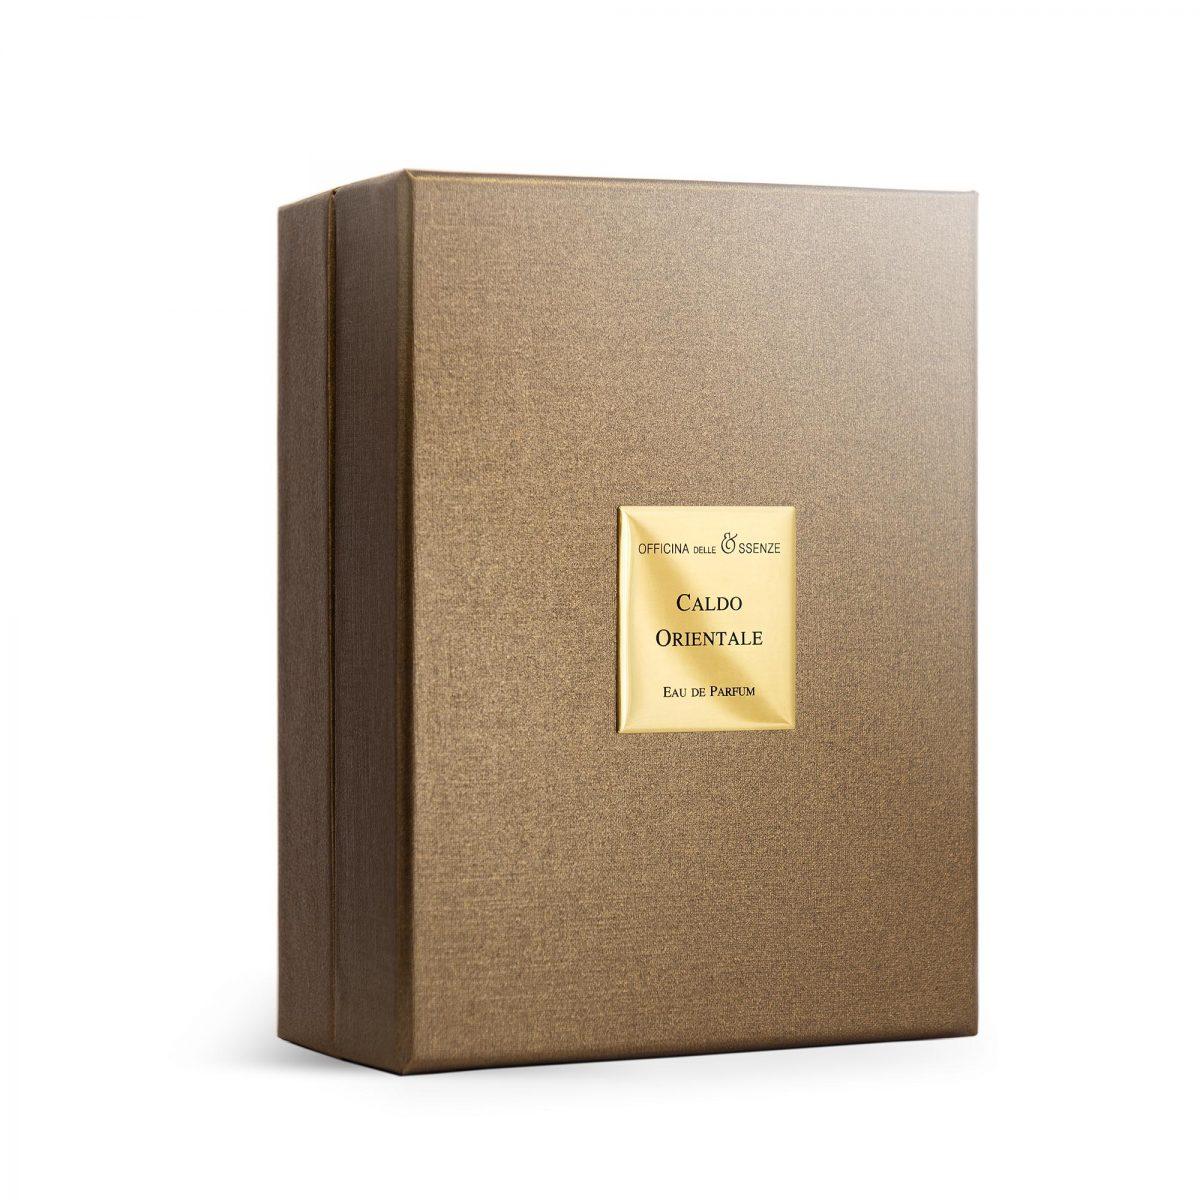 Officina delle Essenze box Caldo Orientale